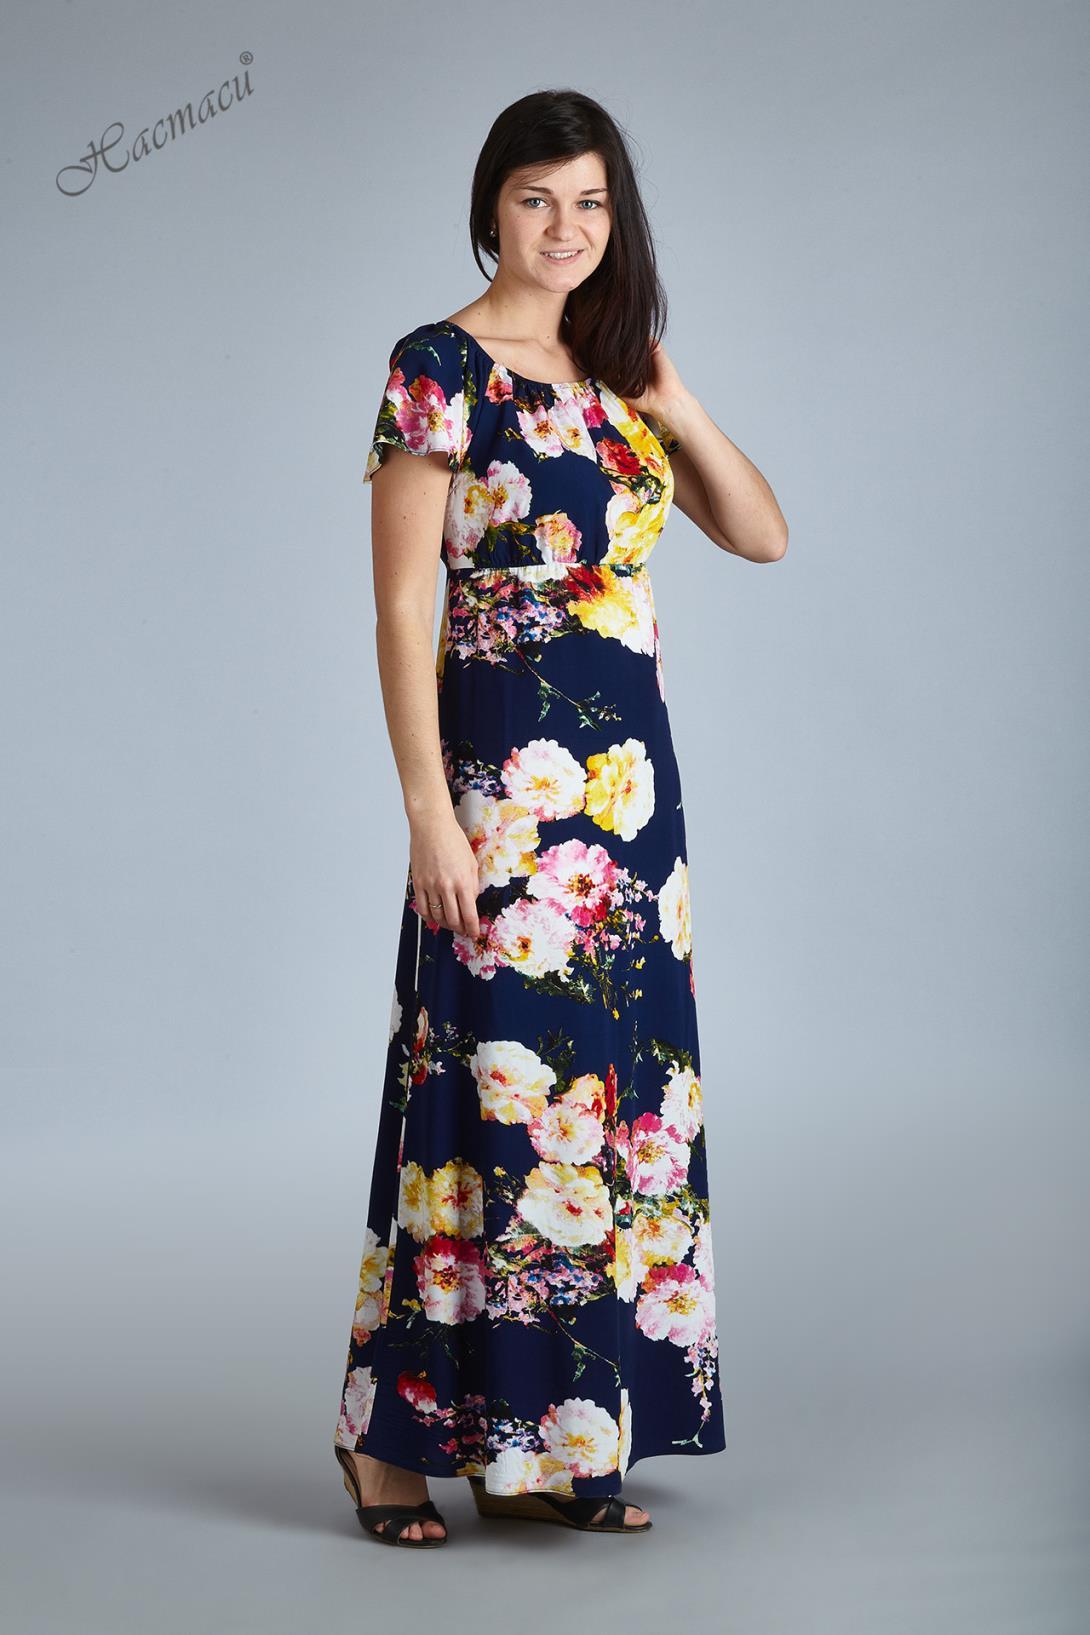 Сбор заказов. Женская одежда ТМ Н@стаси. Еще больше ярких новинок сезона весна-лето 2016! И большая распродажа! Полная ликвидация от 250рублей, размеры до 58, без рядов! - выкуп 38.